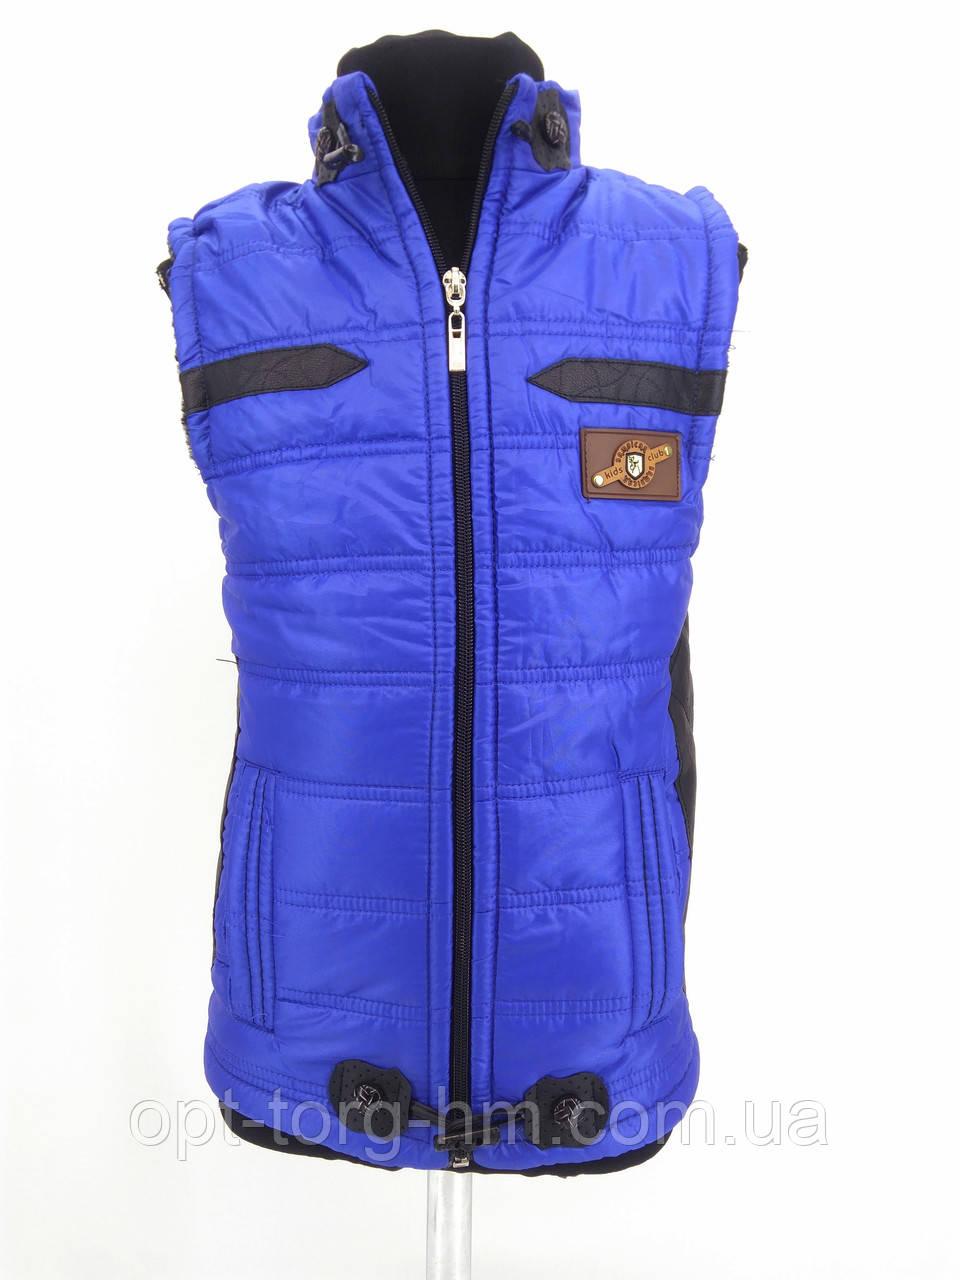 Детская жилетка для мальчика с меховой подкладкой (синяя)